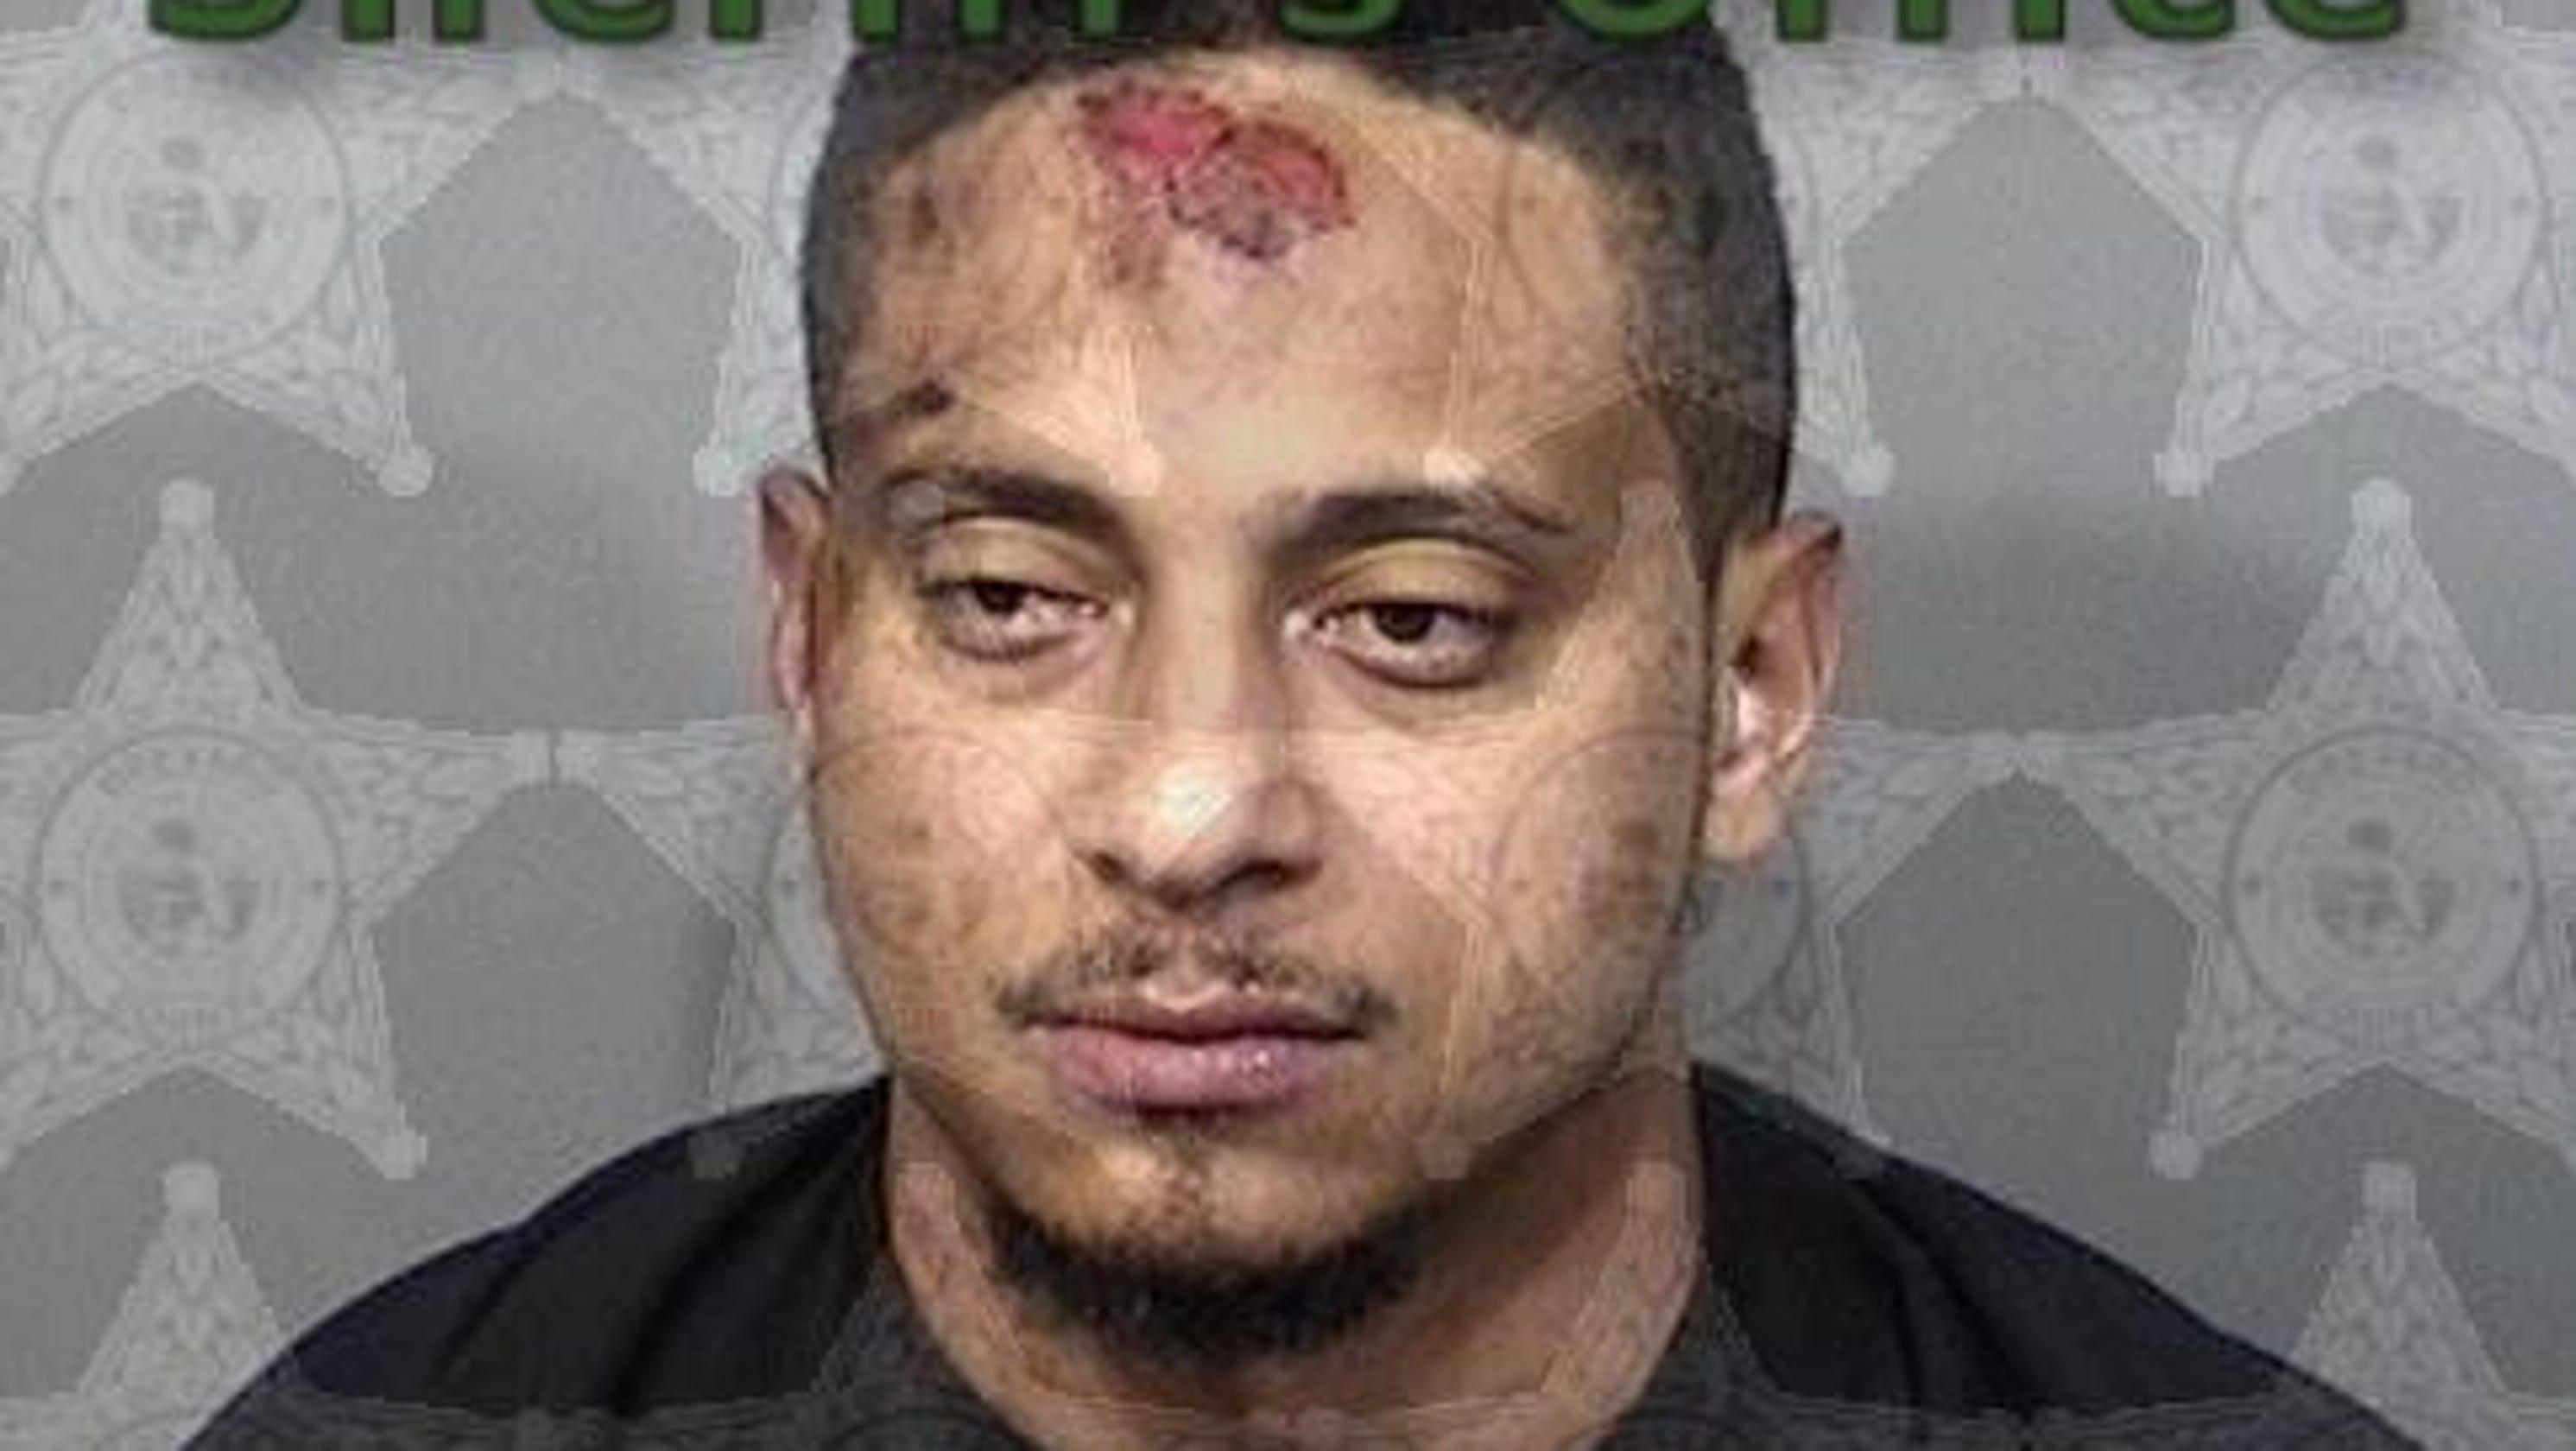 b2cdc450196c68 Suspect snatched Taser during arrest for drunken driving